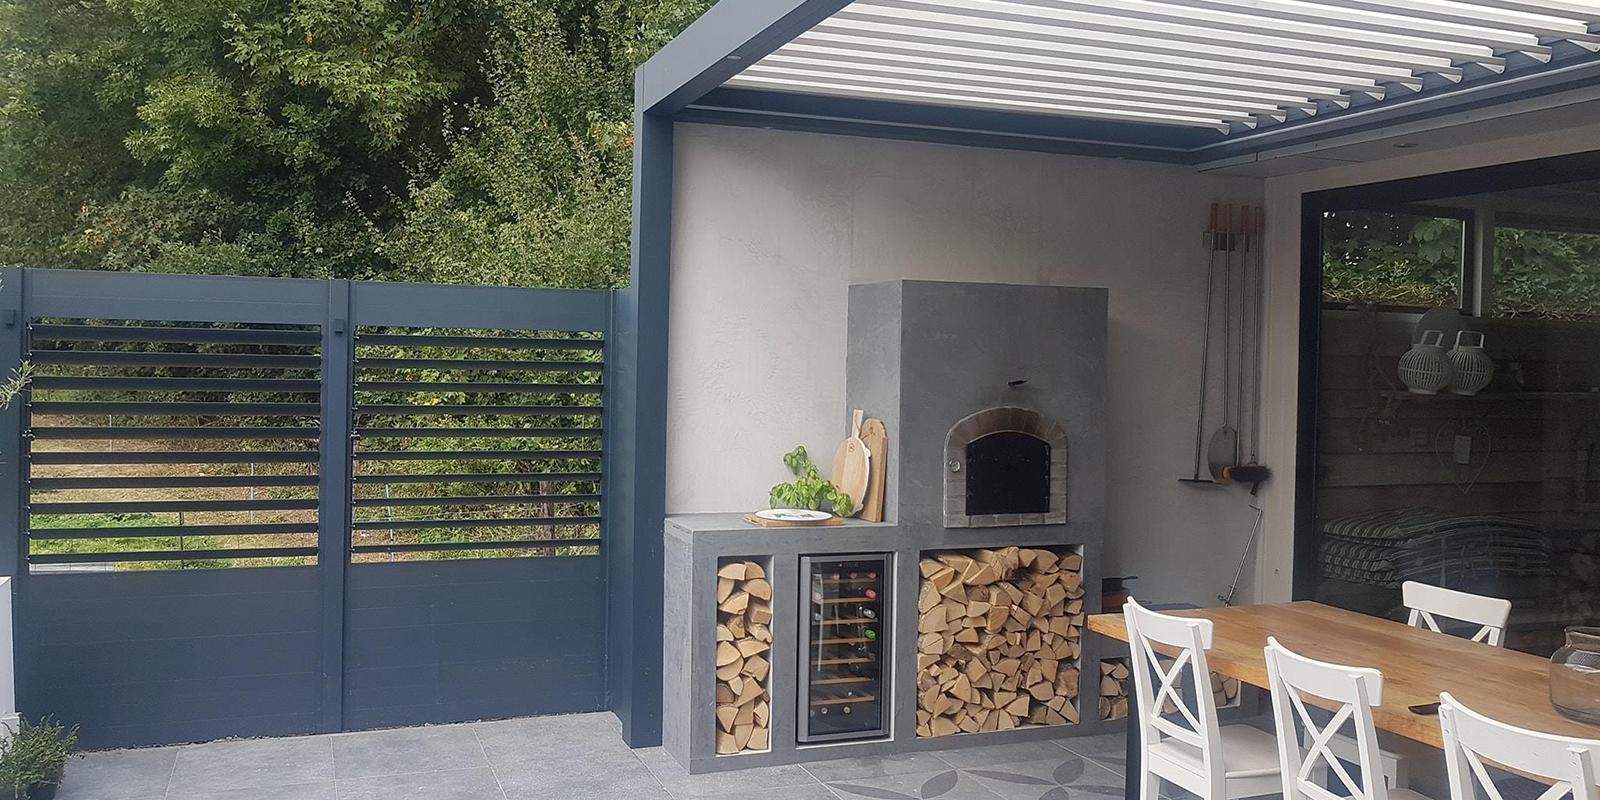 gardano outdoor living, lamellen daken, terrasoverkappingen, schuttingen, lamellen schuttingen, screens